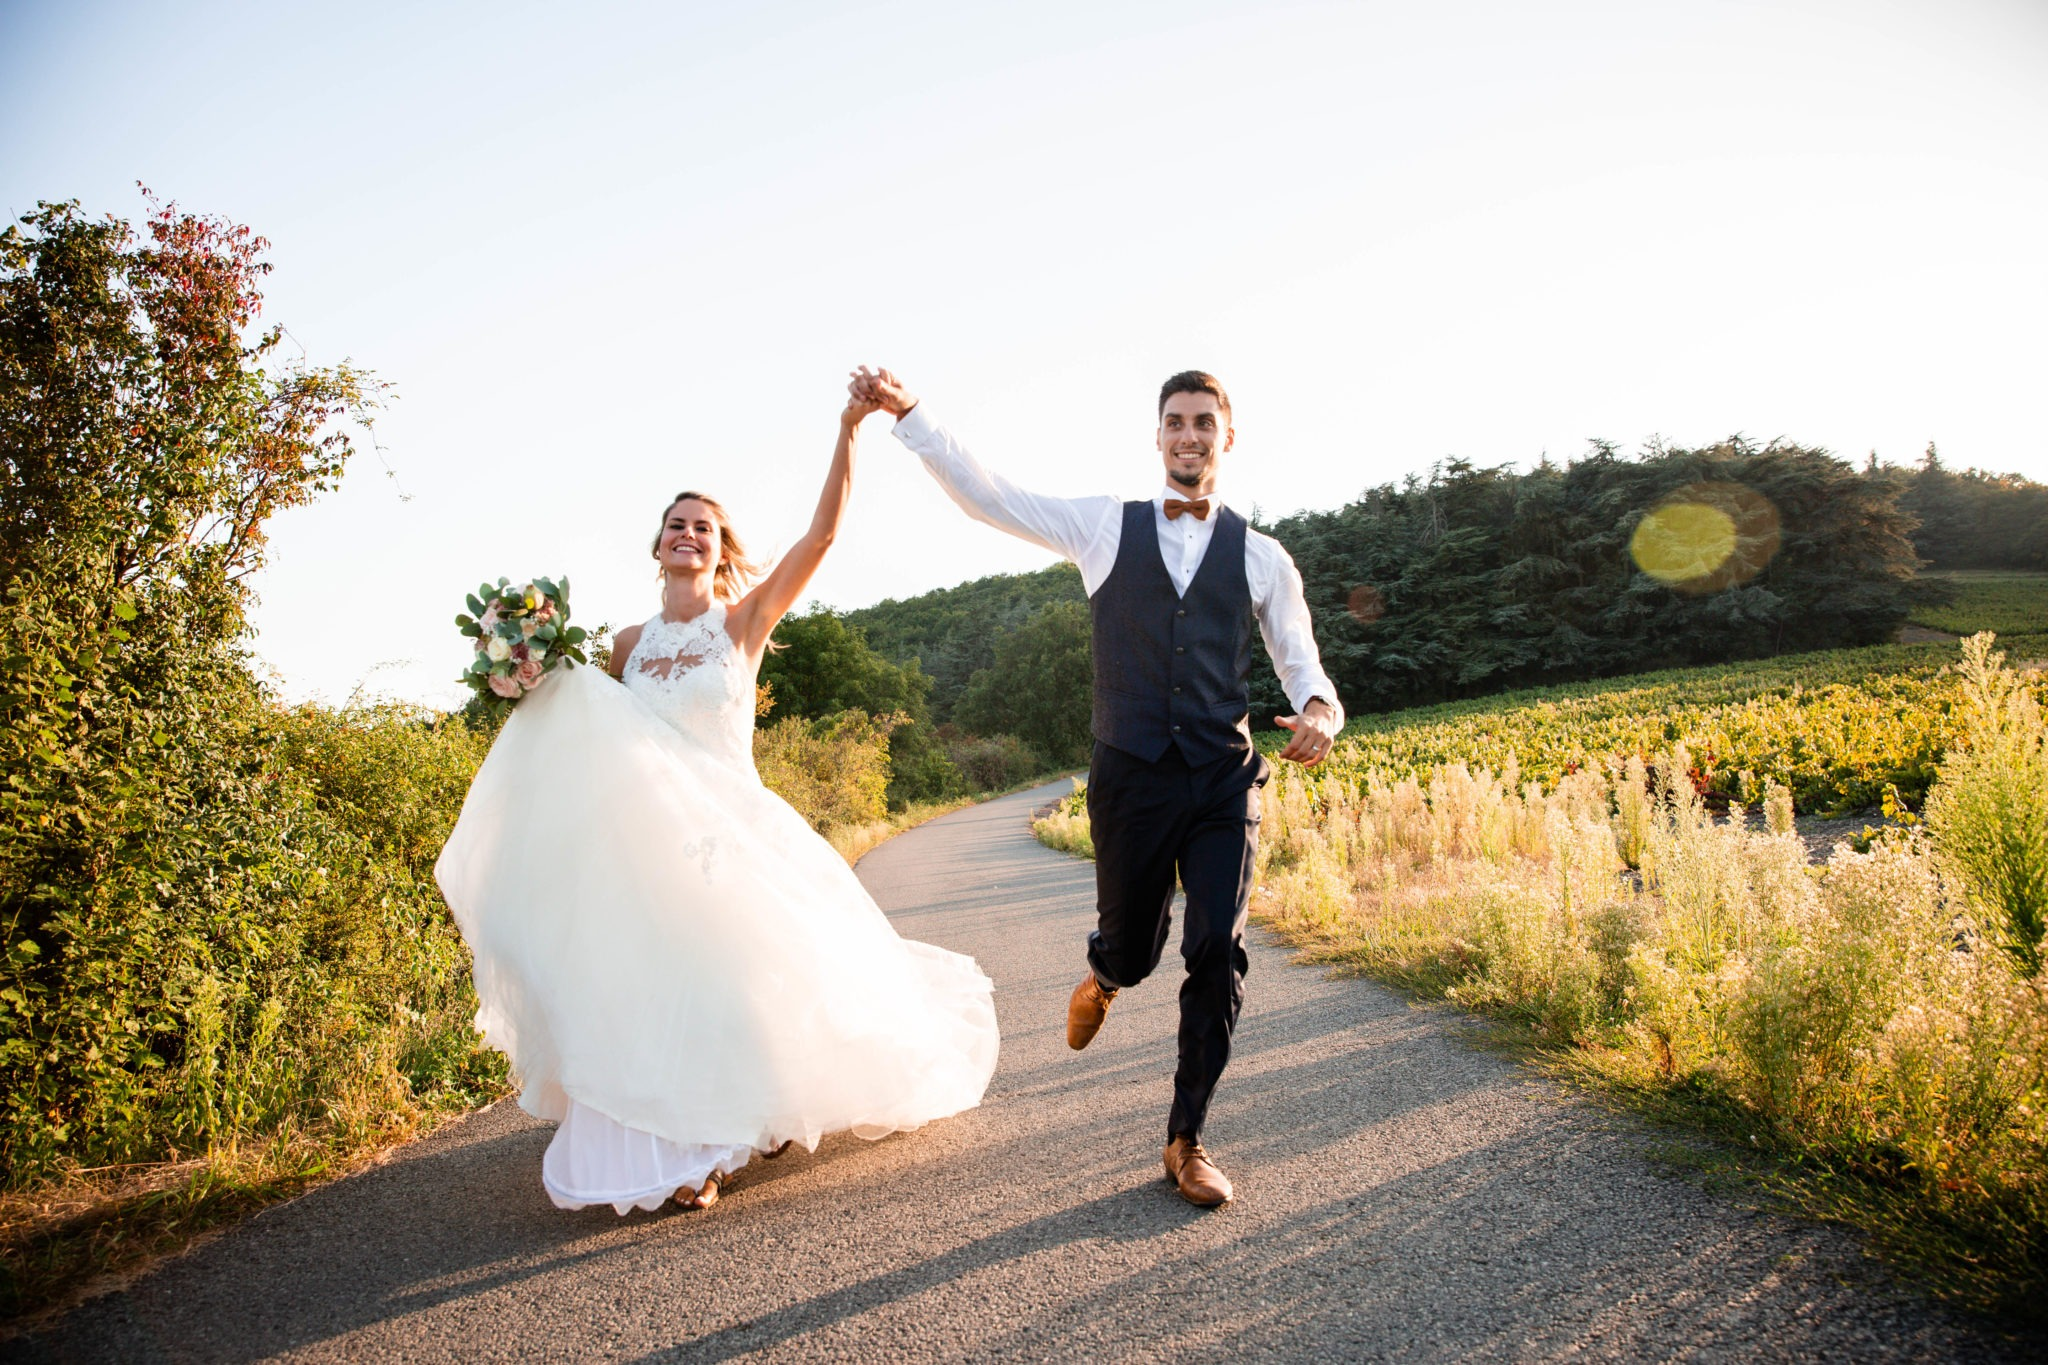 organisation partielle de mariage - les moments m - wedding planner lyon